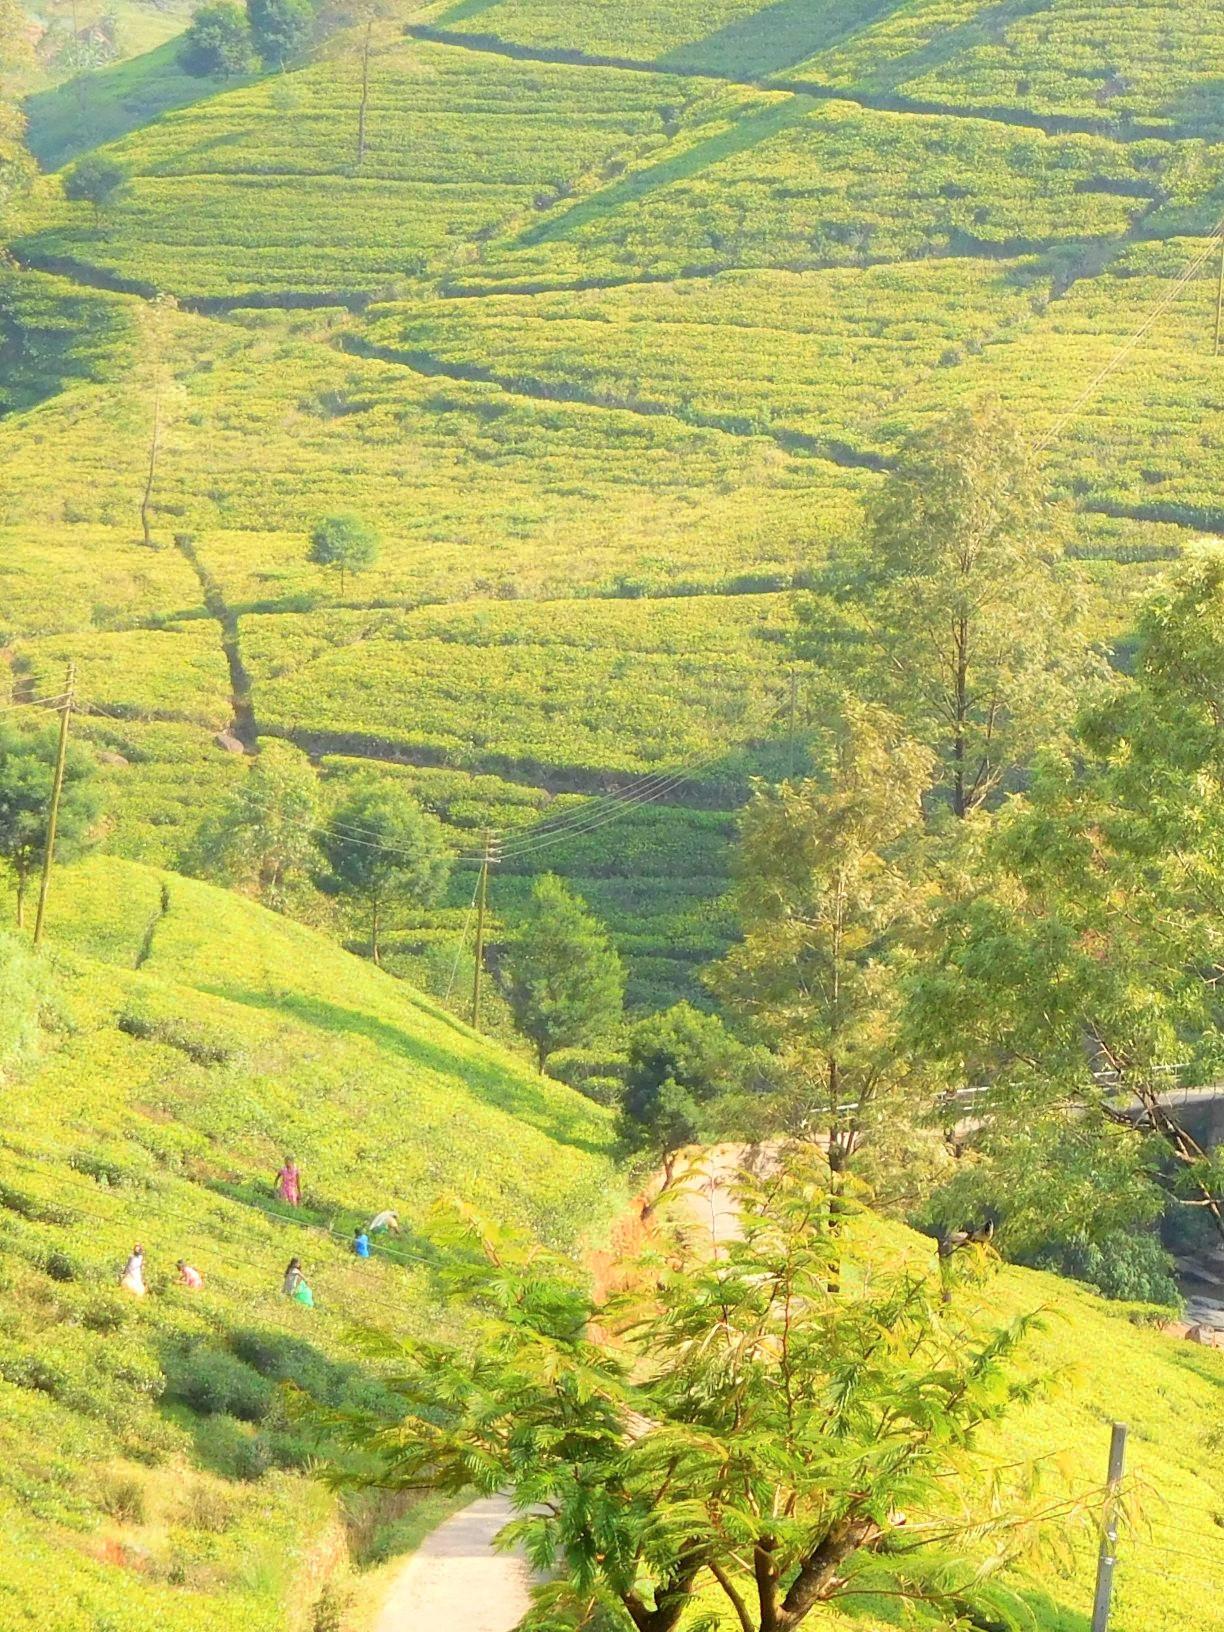 緑美しい紅茶畑(2日目)